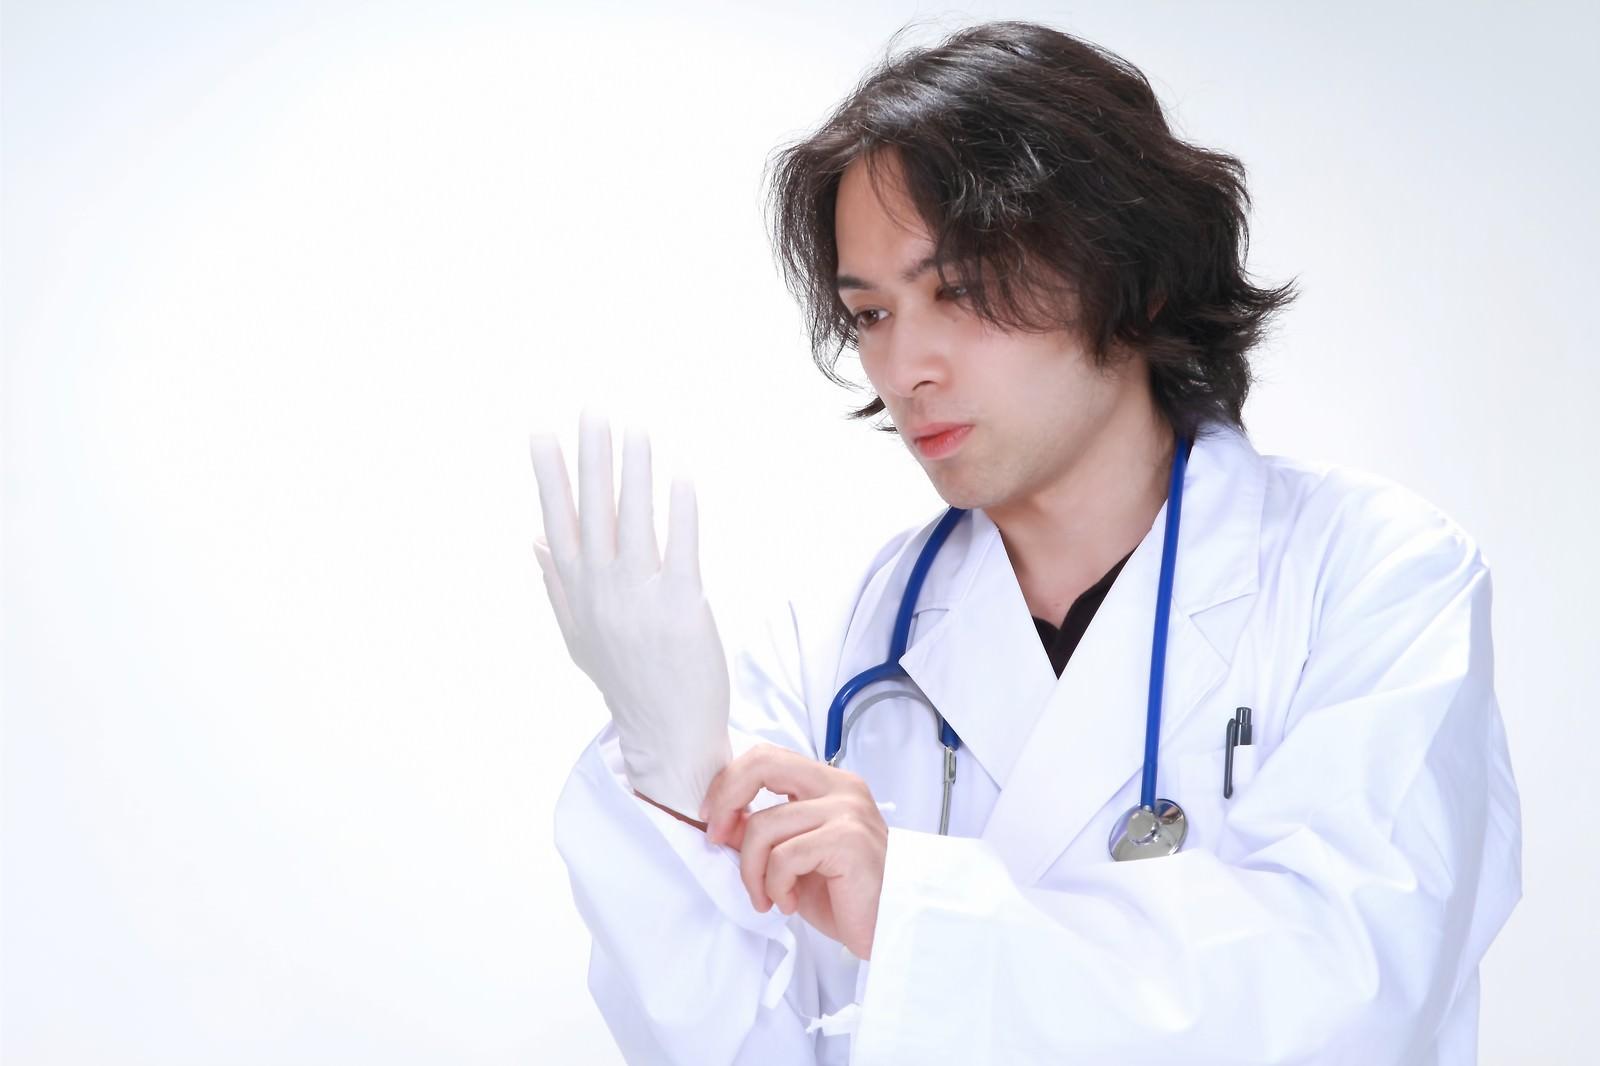 ゴム手袋を装着する若い医師